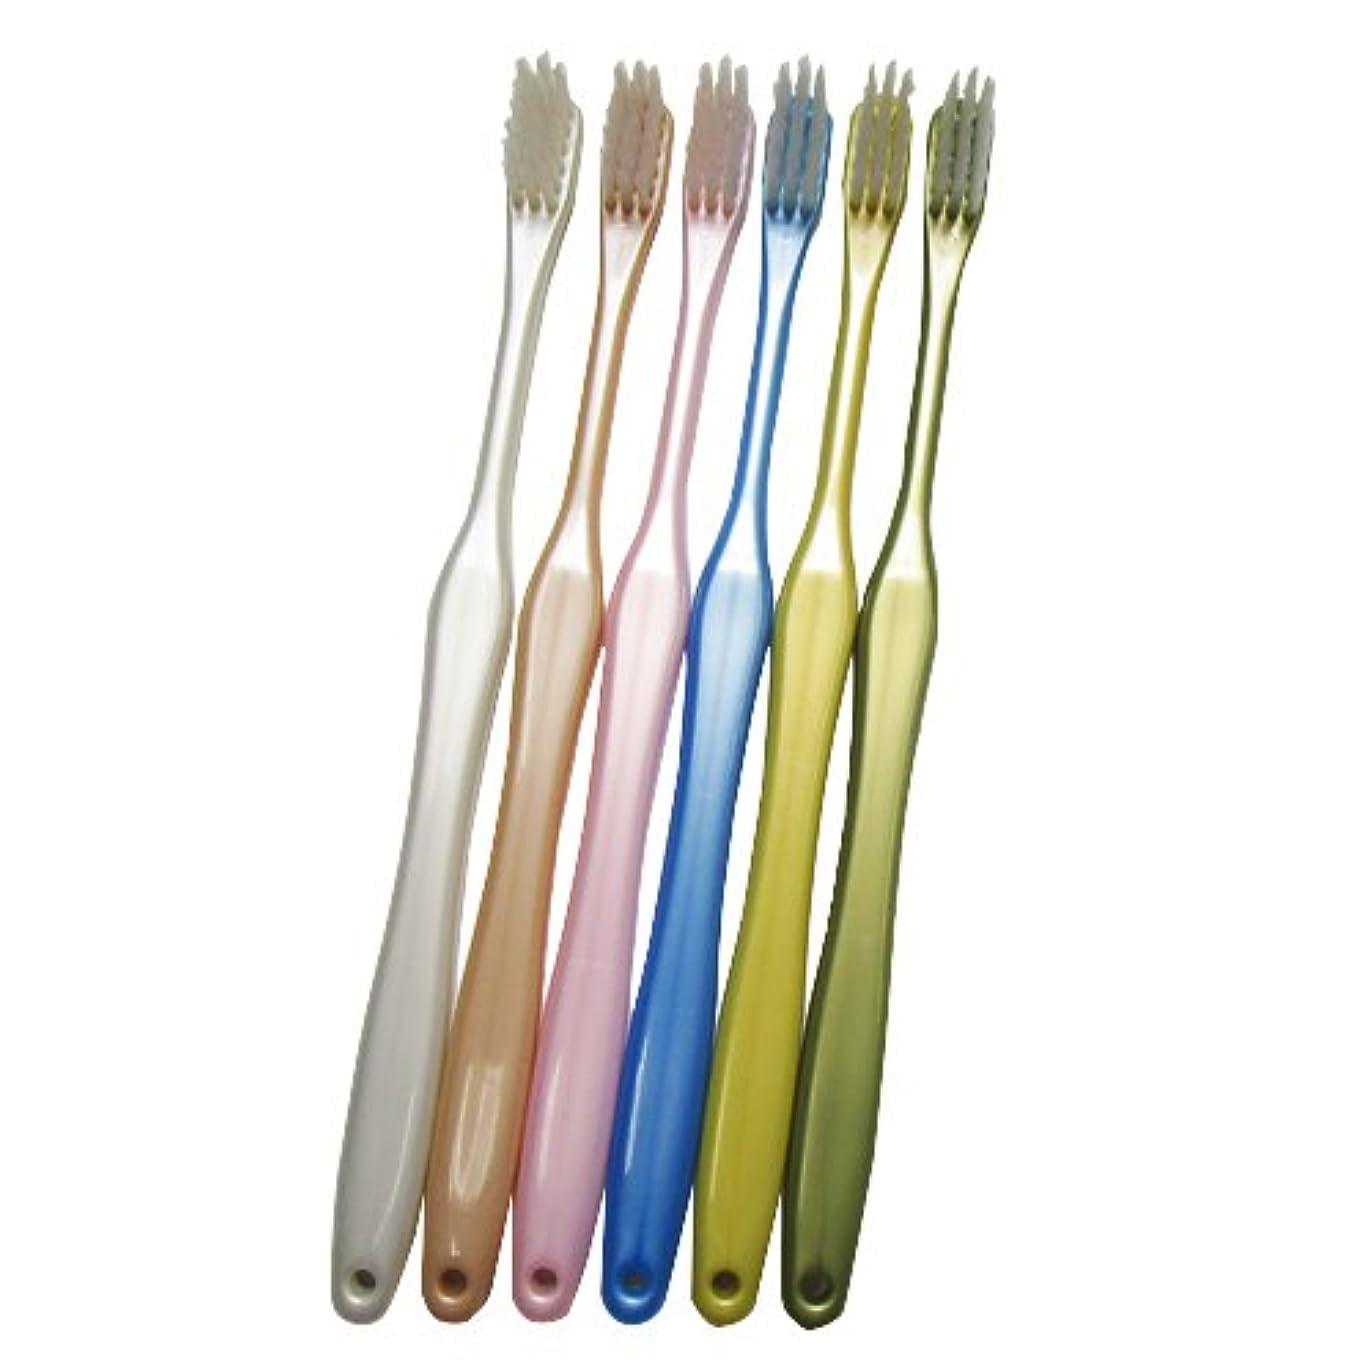 砲撃グレートオークスコア歯ブラシ職人 田辺重吉考案 磨きやすい歯ブラシ 先細 お試し2本セット(カラーはおまかせ)